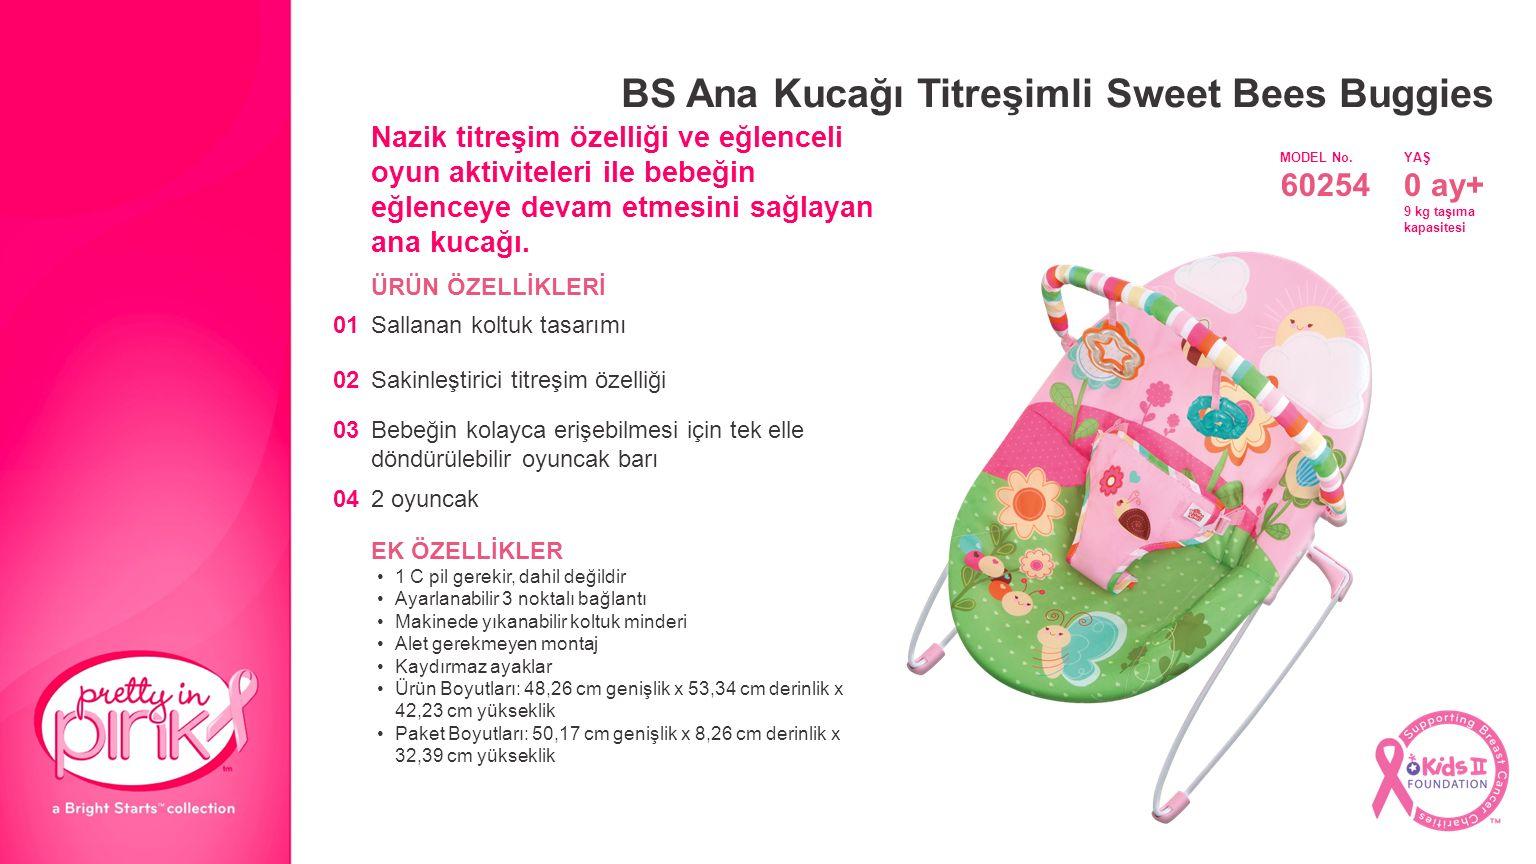 BS Ana Kucağı Titreşimli Sweet Bees Buggies Nazik titreşim özelliği ve eğlenceli oyun aktiviteleri ile bebeğin eğlenceye devam etmesini sağlayan ana kucağı.